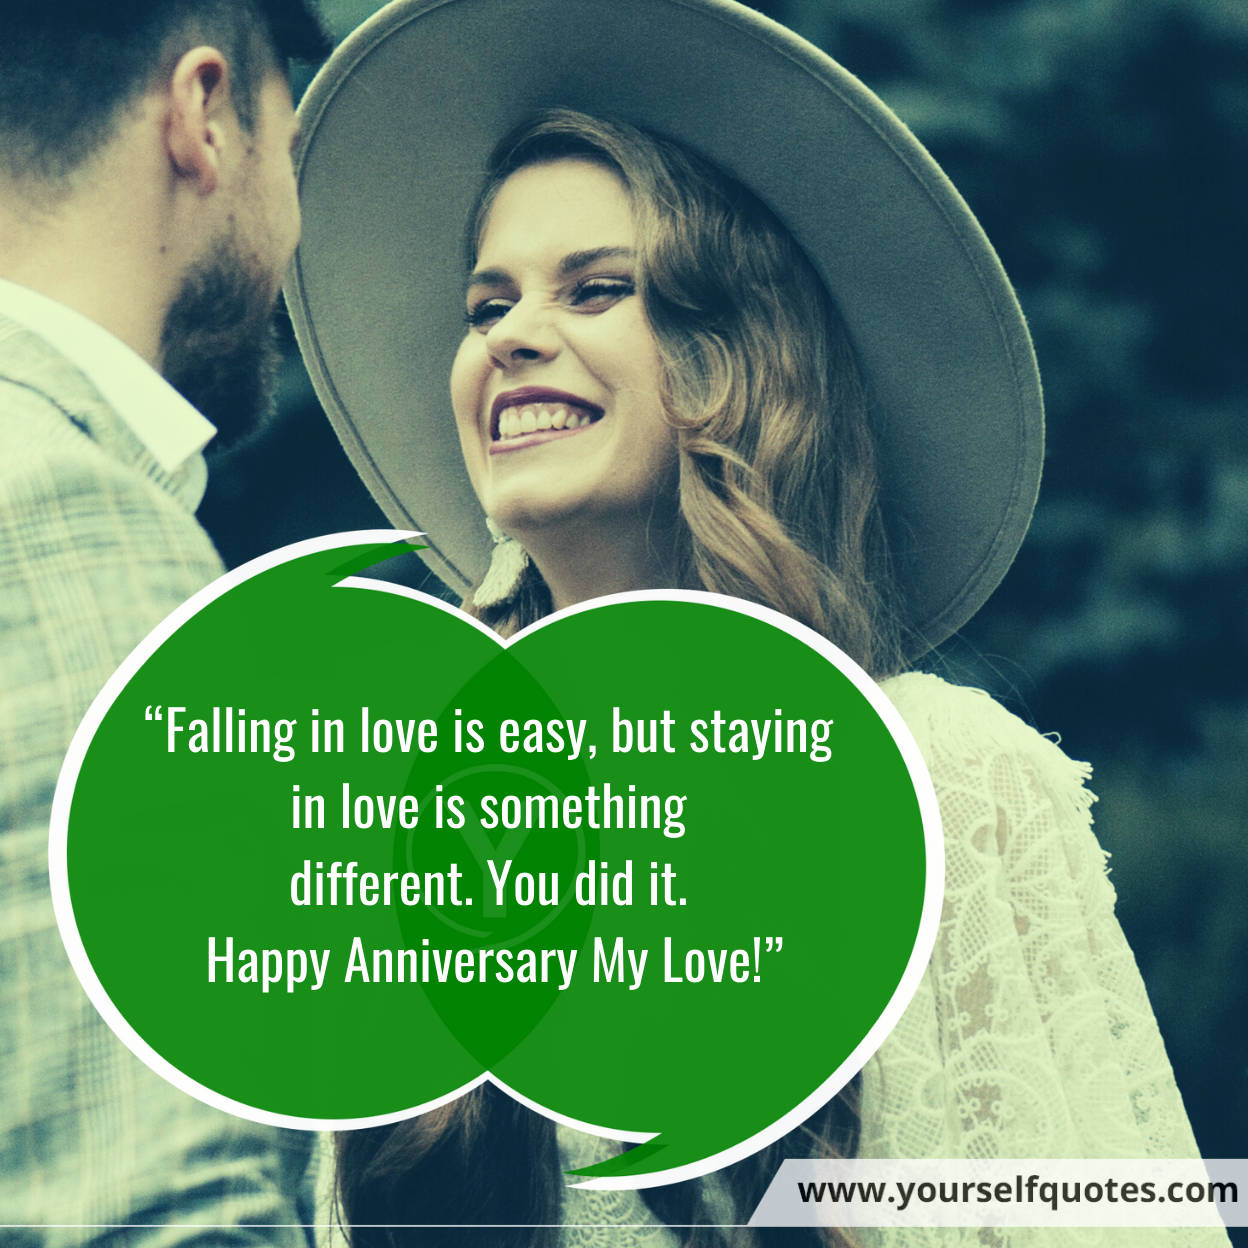 Selamat Ulang Tahun Cintaku